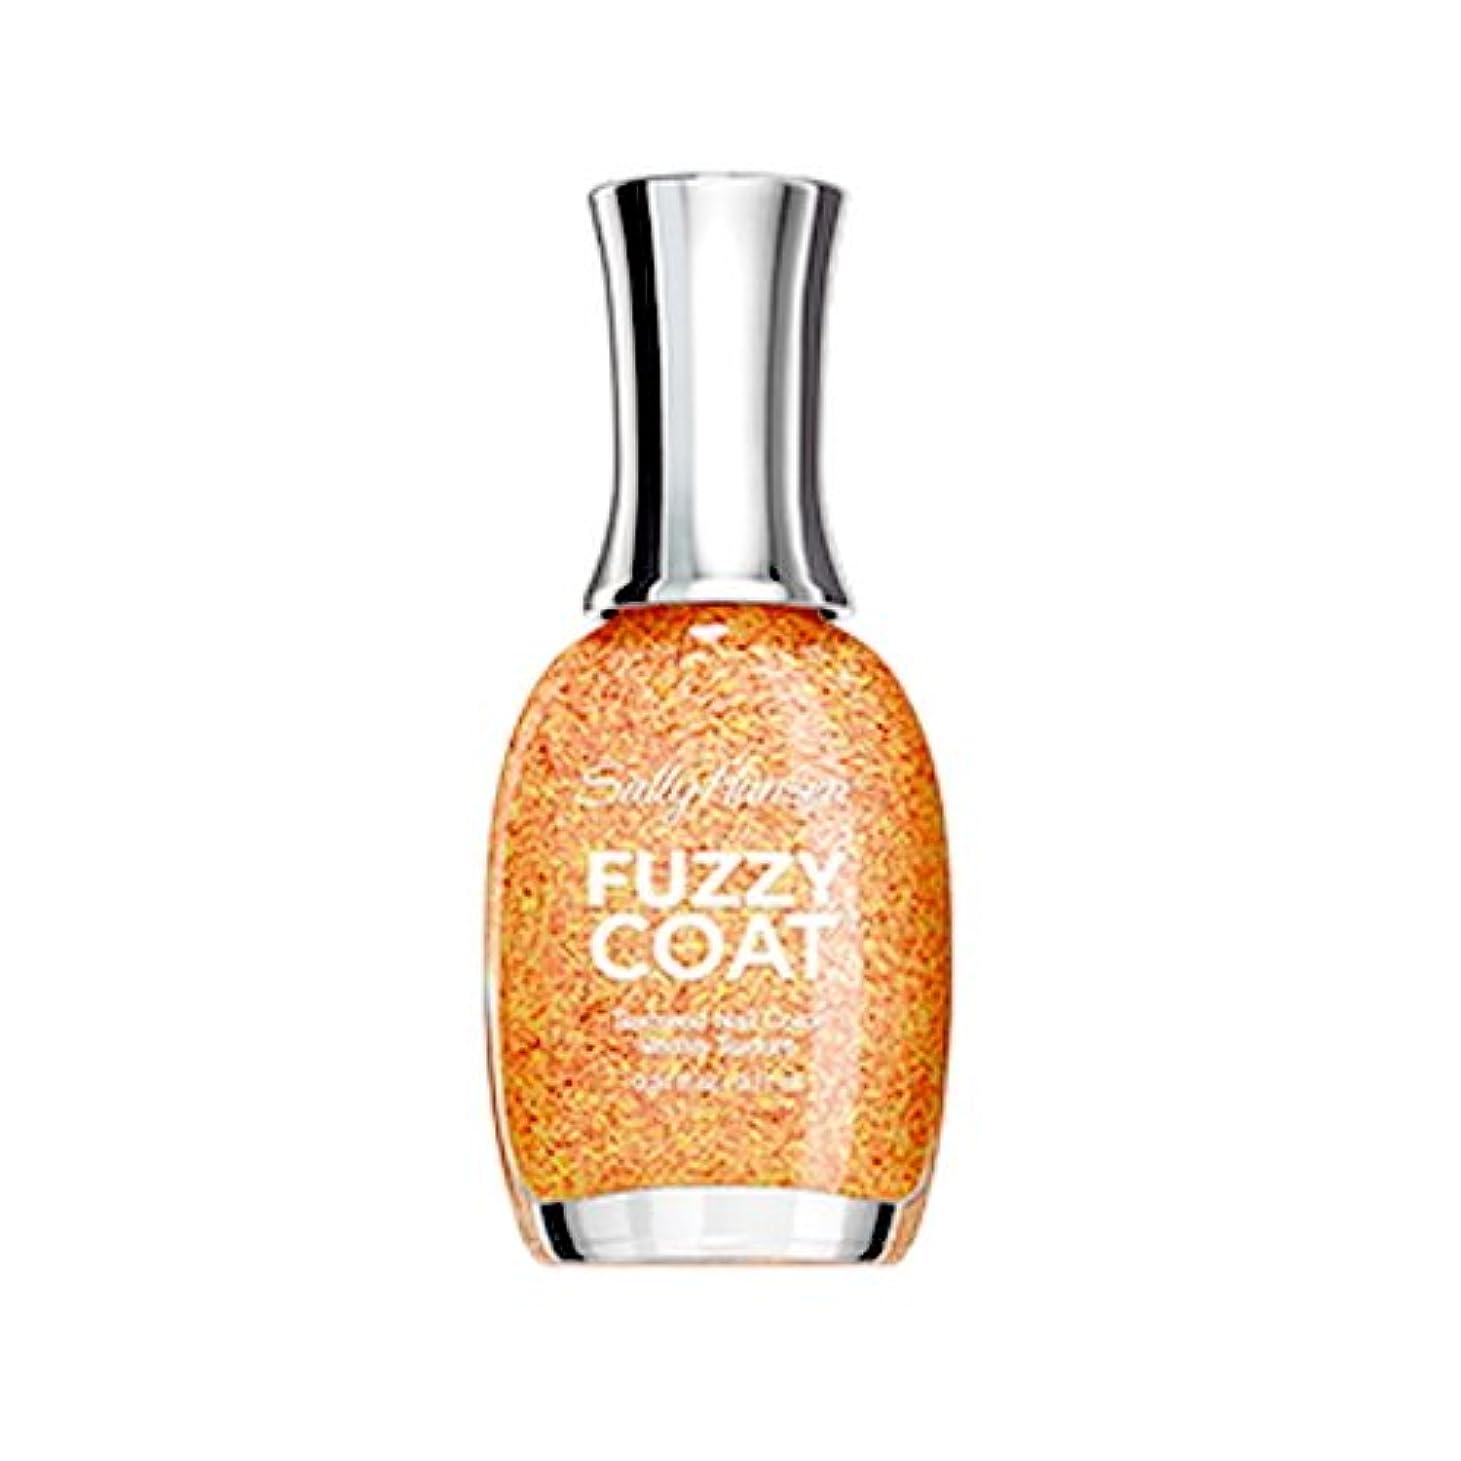 真鍮億おとこ(6 Pack) SALLY HANSEN Fuzzy Coat Special Effect Textured Nail Color - Peach Fuzz (並行輸入品)